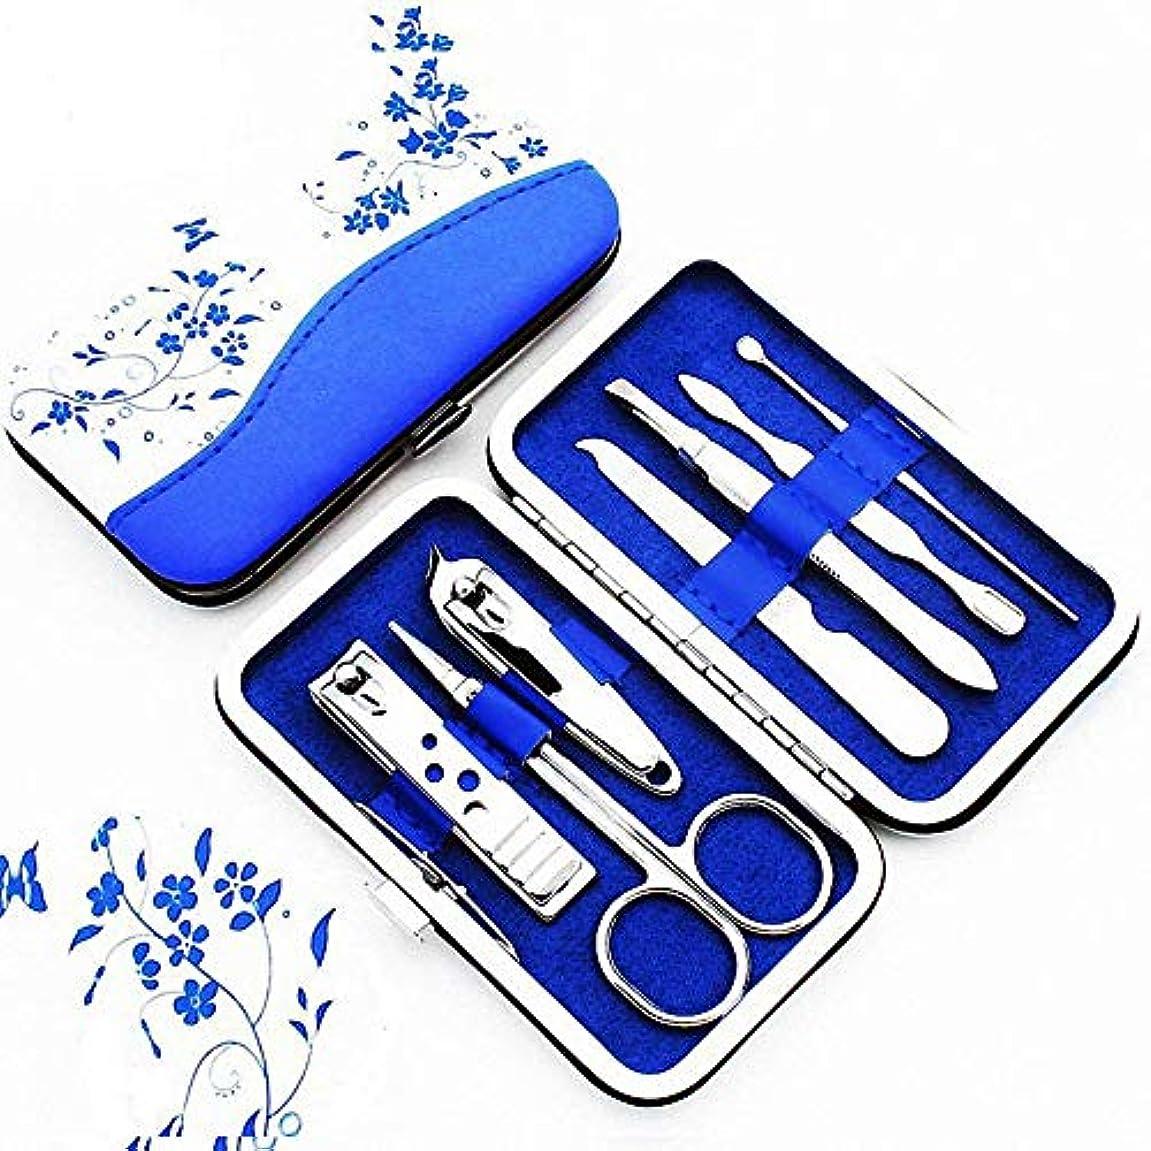 ワイドカストディアンペナルティ爪切りセット携帯便利のグルーミング キット ステンレス製 つめきり 7点セット